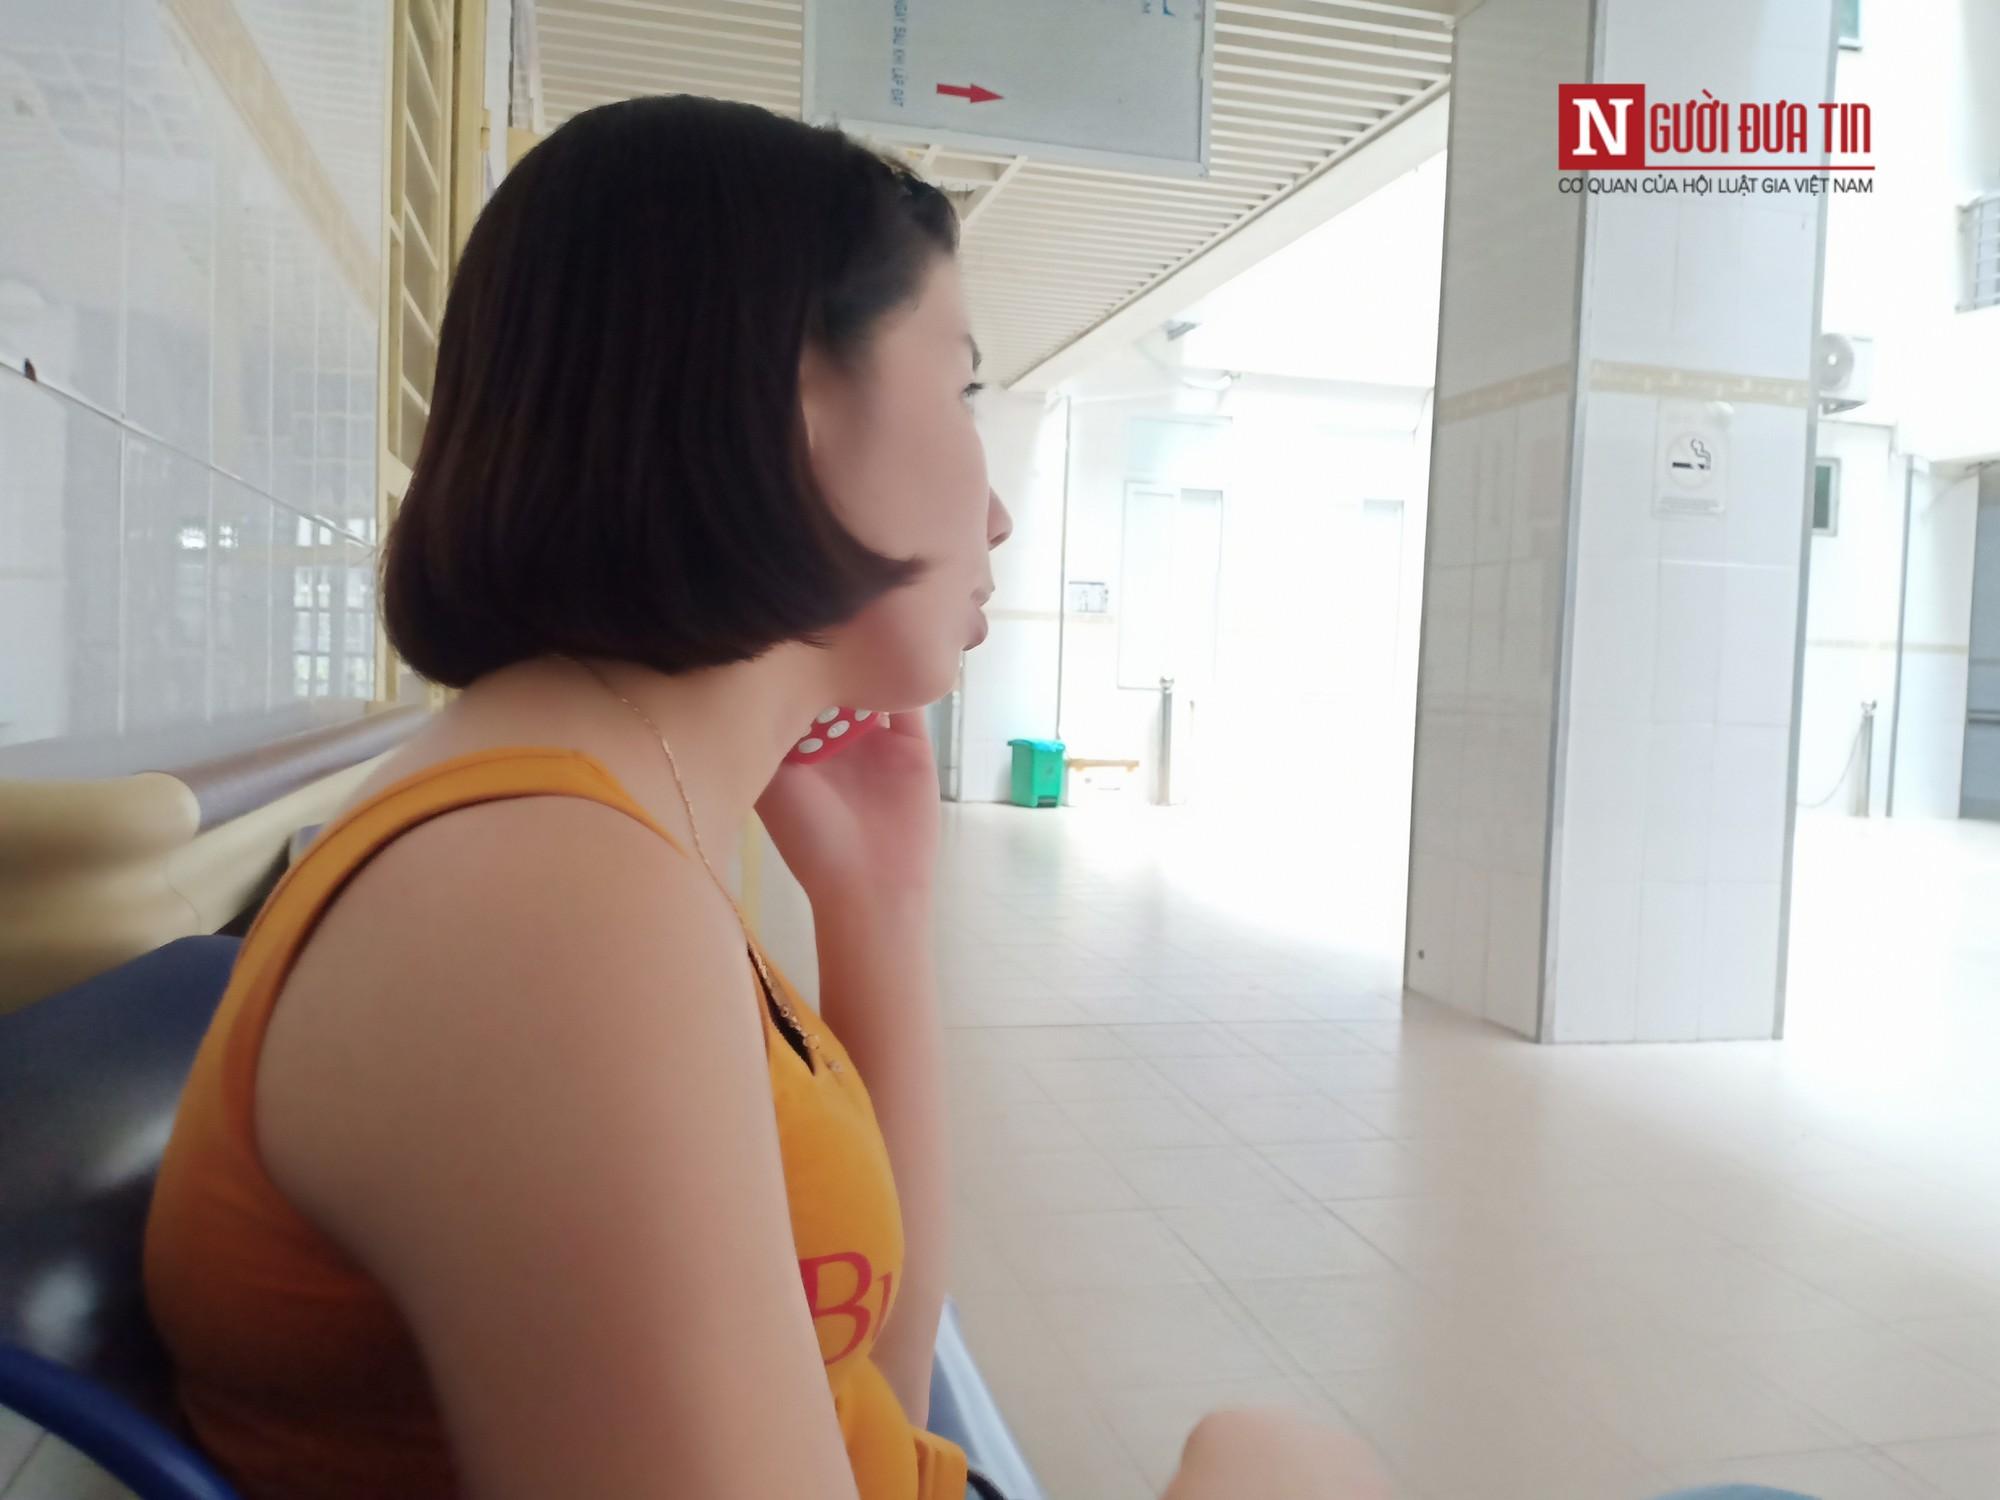 """Cô giáo dạy kỹ năng sống làm 3 trẻ mầm non bị bỏng cồn: """"Bây giờ tôi không có tâm trạng để nói lại"""" - Ảnh 2."""